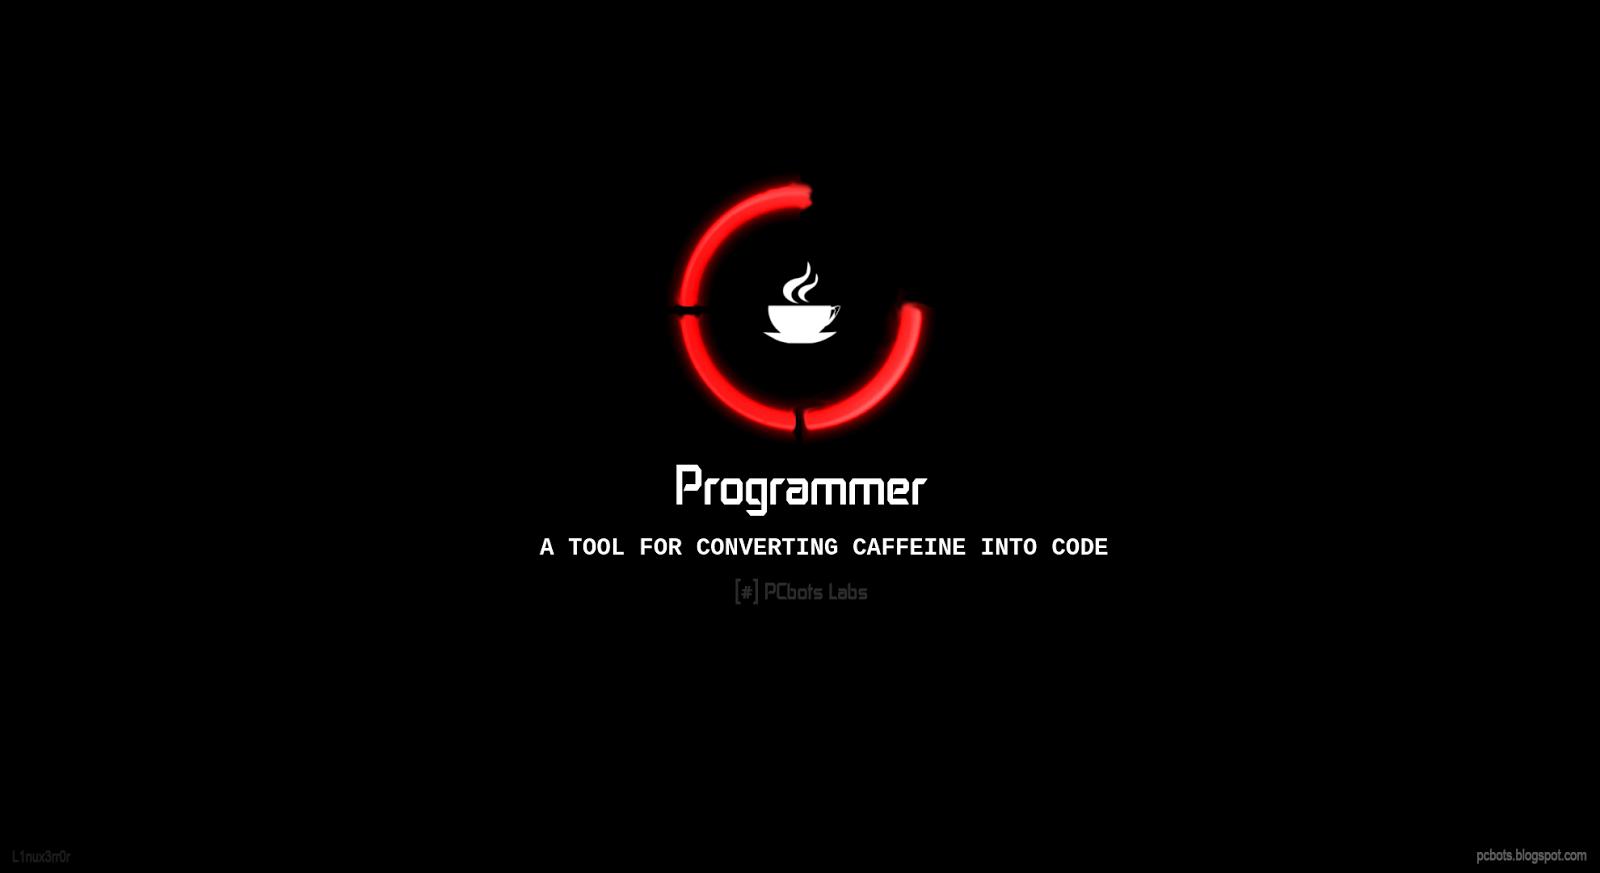 Caffeine Loading Please Wait   Programmer HD Wallpaper by PCbots 1600x873